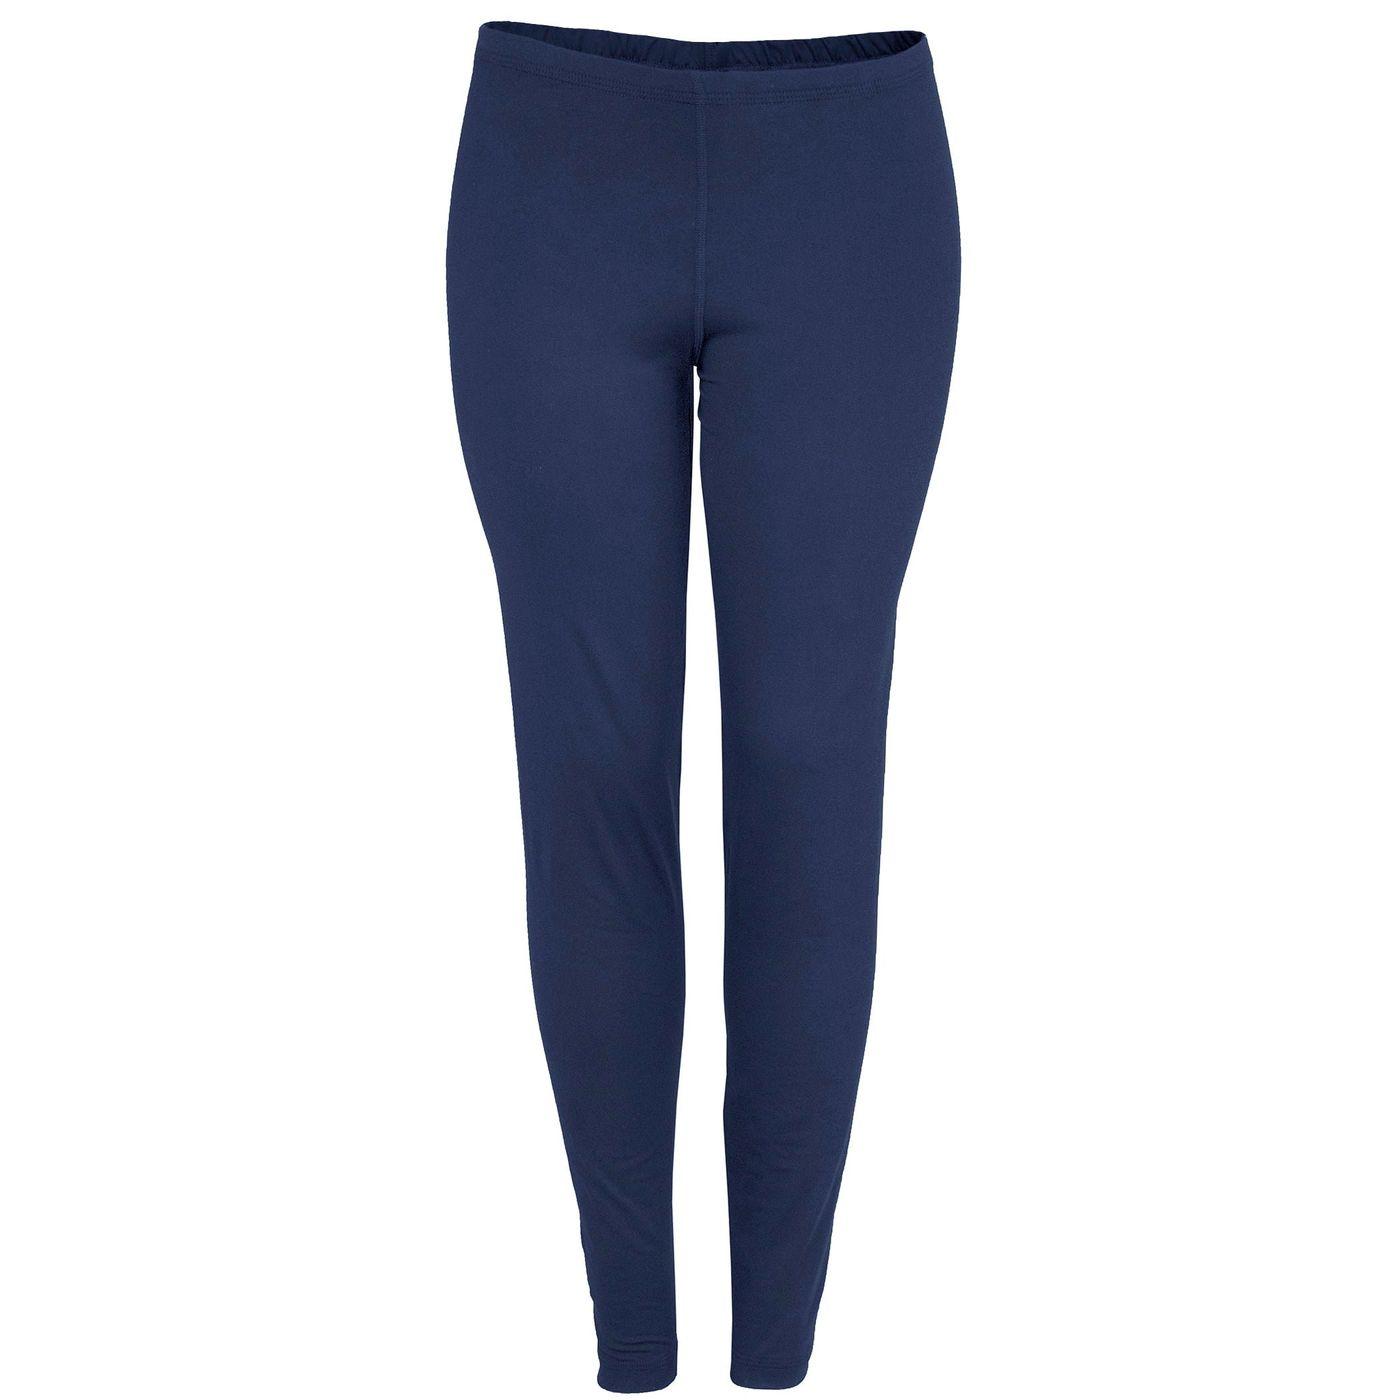 c2c7806a1 Calça térmica feminina azul marinho para o inverno - fieroshop